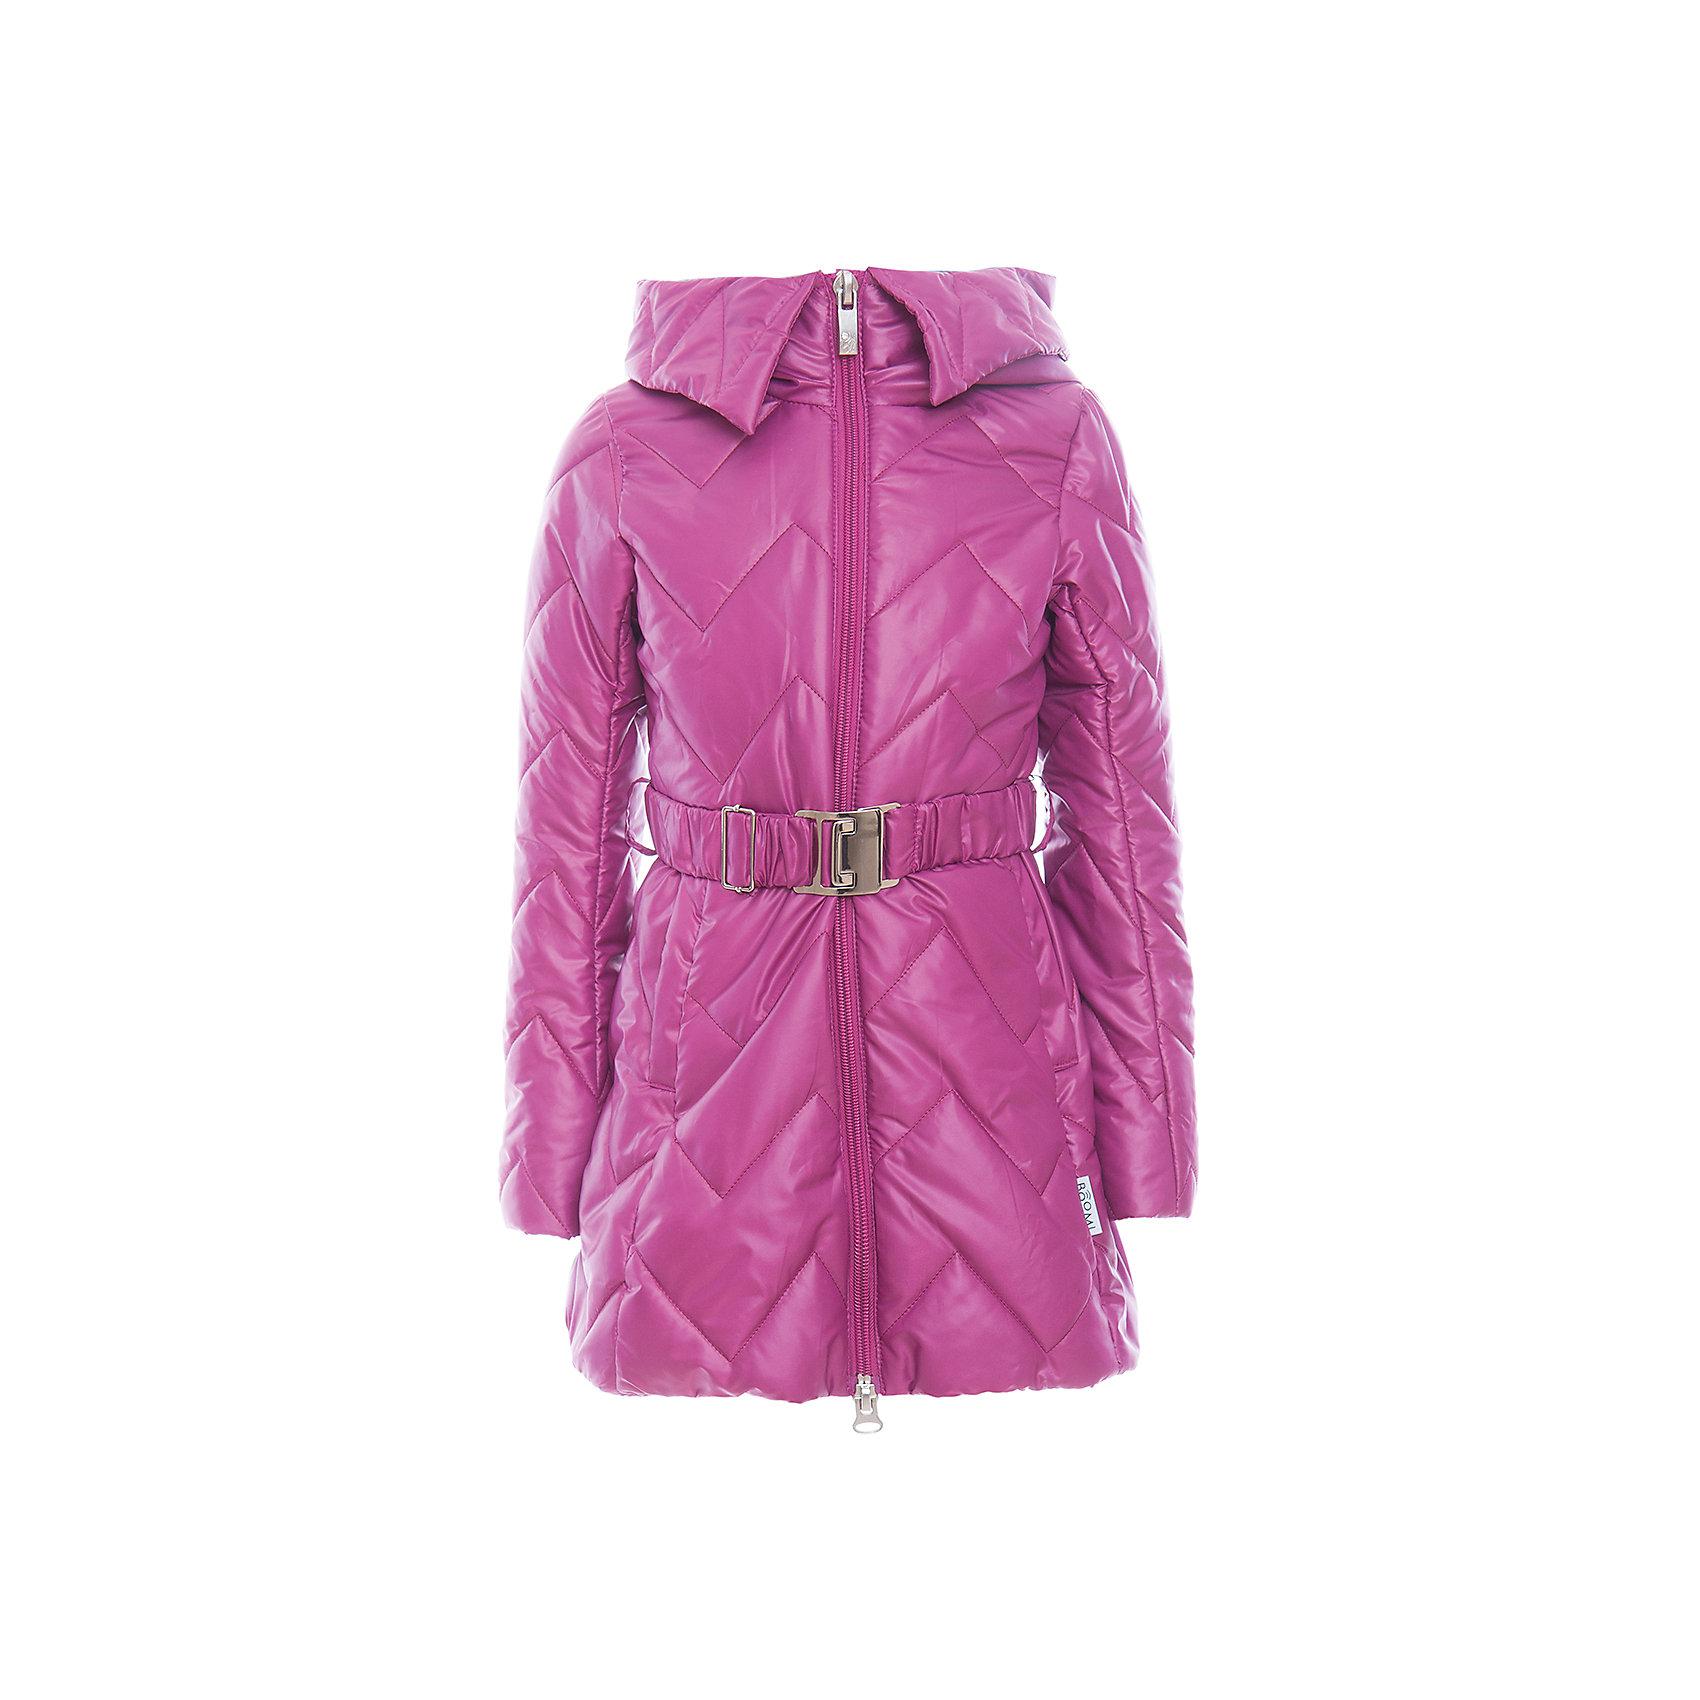 Пальто для девочки BOOM by OrbyВерхняя одежда<br>Характеристики товара:<br><br>• цвет: фиолетовый<br>• состав: 100% полиэстер; верх - таффета , подкладка - флис, поликоттон, полиэстер, утеплитель: Flexy Fiber 150 г/м2<br>• температурный режим: от -5 С° до +10 С° <br>• капюшон (не отстегивается)<br>• карманы<br>• пояс с пряжкой<br>• высокий воротник<br>• застежка - молния<br>• стеганое<br>• длина до колен<br>• комфортная посадка<br>• страна производства: Российская Федерация<br>• страна бренда: Российская Федерация<br>• коллекция: весна-лето 2017<br><br>Такое пальто - отличный вариант для походов в школу в межсезонье с его постоянно меняющейся погодой. Эта модель - модная и удобная одновременно! Изделие отличается стильным элегантным дизайном. Пальто хорошо сидит по фигуре, отлично сочетается с различным низом. Вещь была разработана специально для детей.<br>Одежда от российского бренда BOOM by Orby уже завоевала популярностью у многих детей и их родителей. Вещи, выпускаемые компанией, качественные, продуманные и очень удобные. Для производства коллекций используются только безопасные для детей материалы. Спешите приобрести модели из новой коллекции Весна-лето 2017! <br><br>Пальто для девочки от бренда BOOM by Orby можно купить в нашем интернет-магазине.<br><br>Ширина мм: 356<br>Глубина мм: 10<br>Высота мм: 245<br>Вес г: 519<br>Цвет: лиловый<br>Возраст от месяцев: 72<br>Возраст до месяцев: 84<br>Пол: Женский<br>Возраст: Детский<br>Размер: 122,134,128,116,158,98,110,104,152,146,140<br>SKU: 5343296